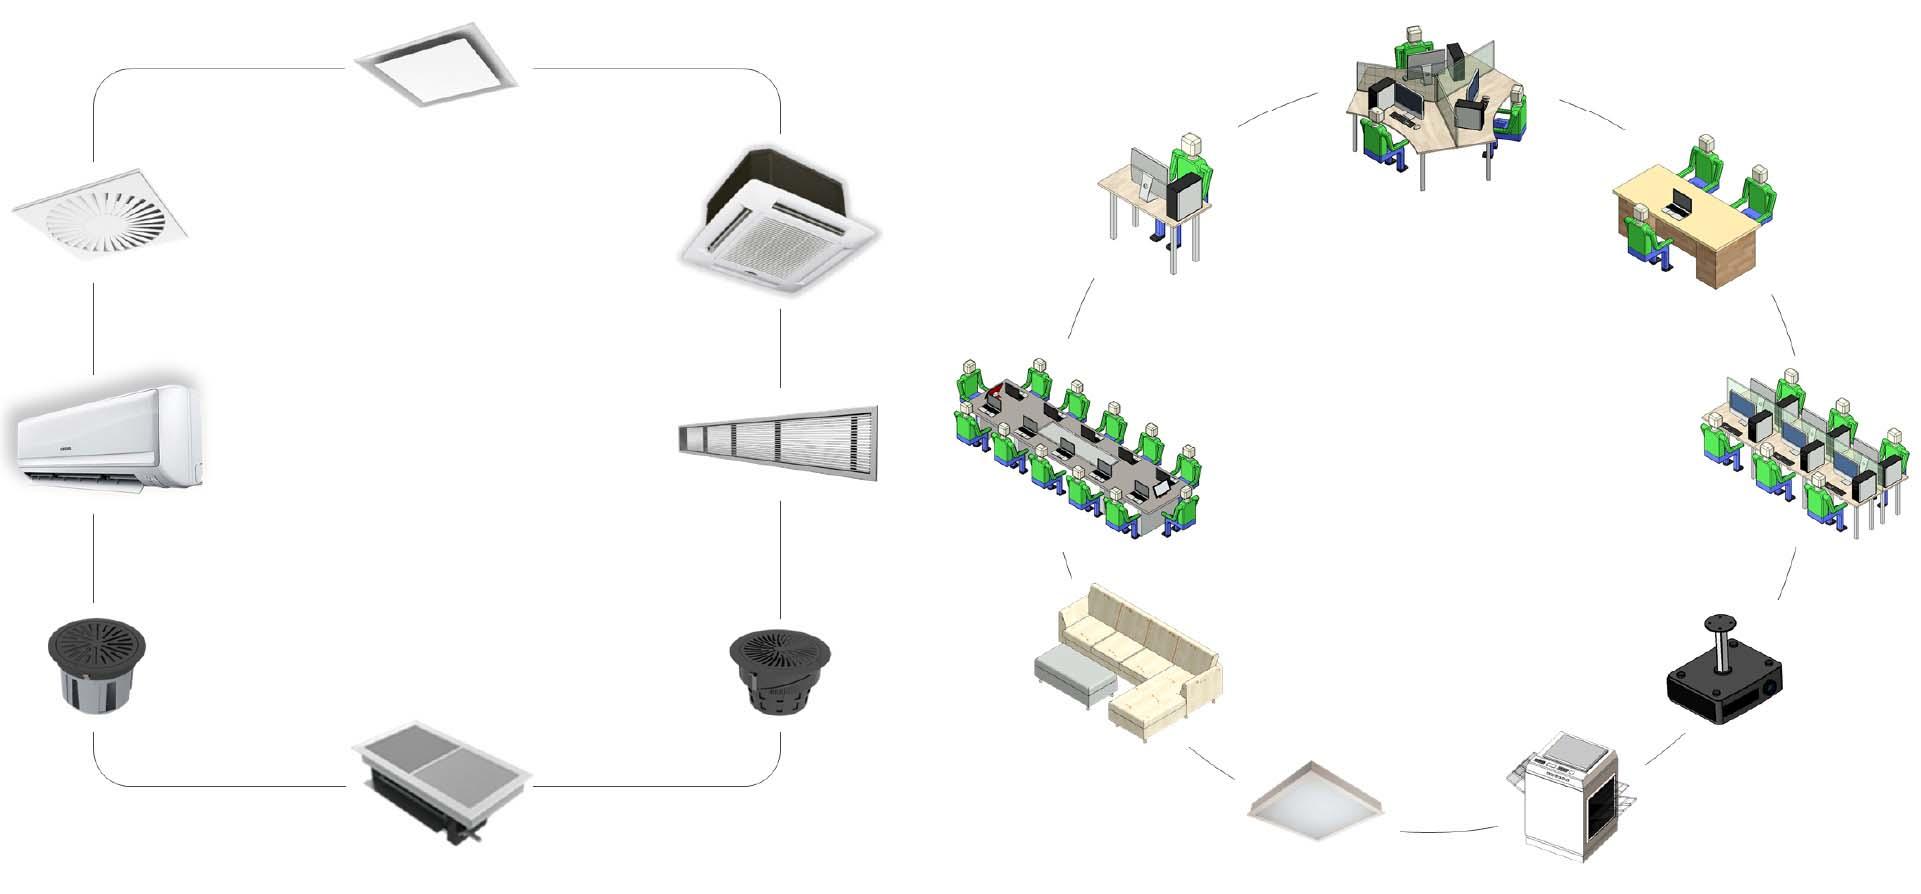 Autonomous HVAC CFD - Library components